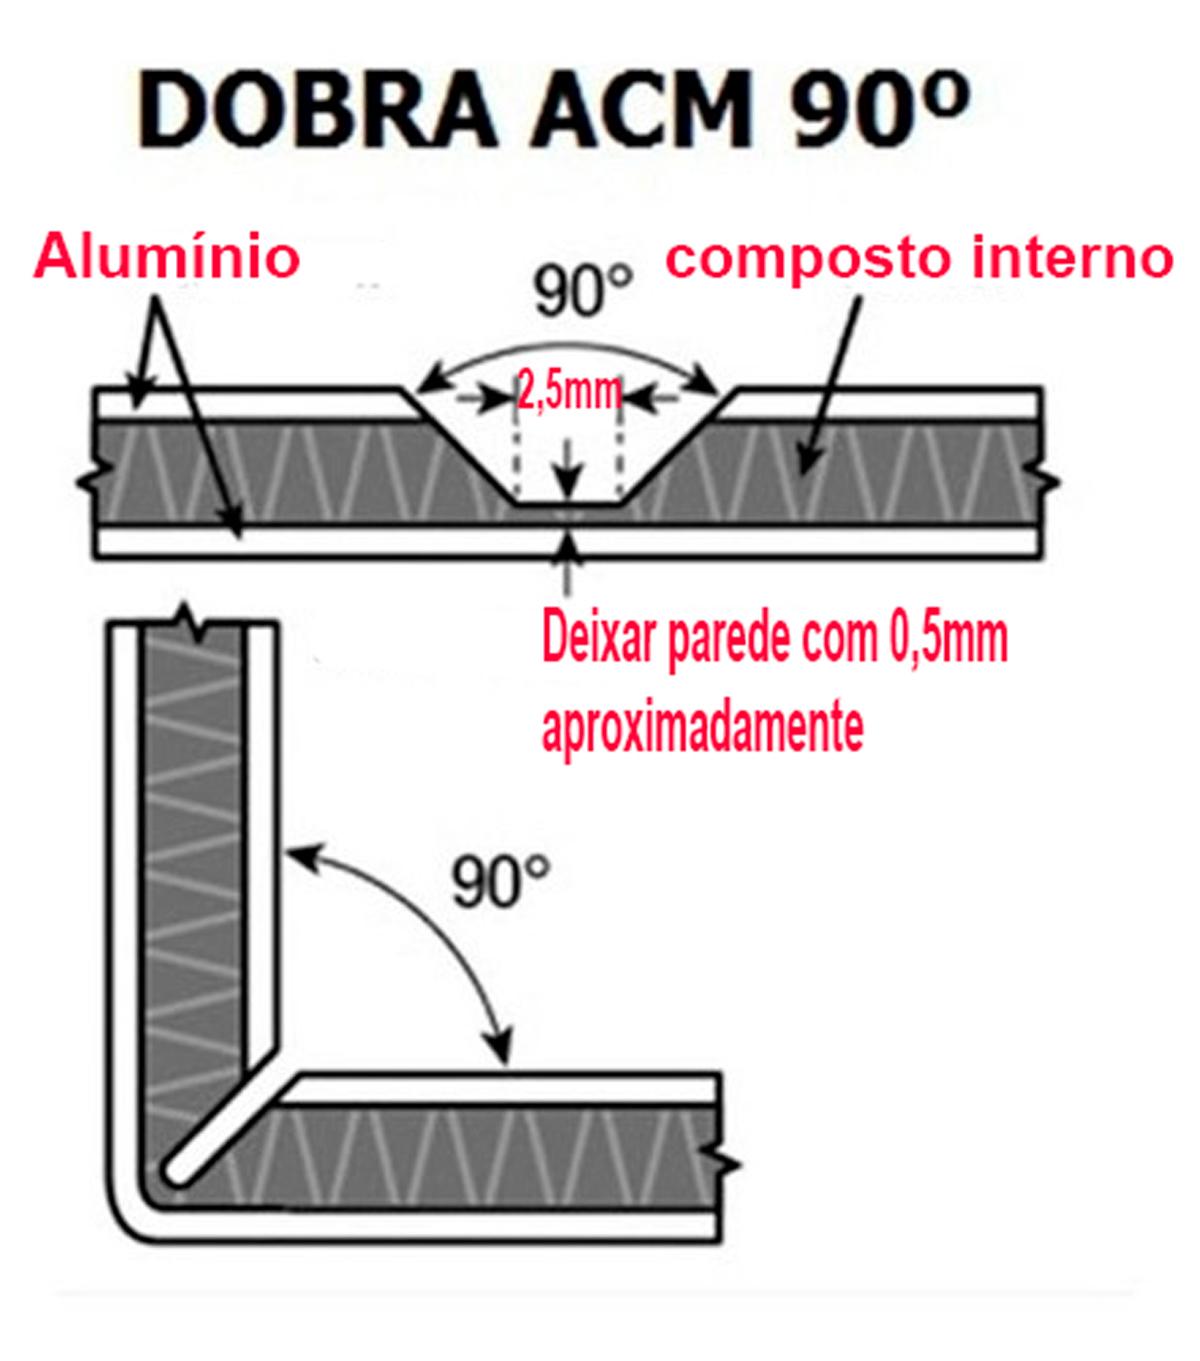 Fresa Para Chanfro E Dobras De Acm METAL DURO - DIMENSÕES DA FR382 AMANATOOL